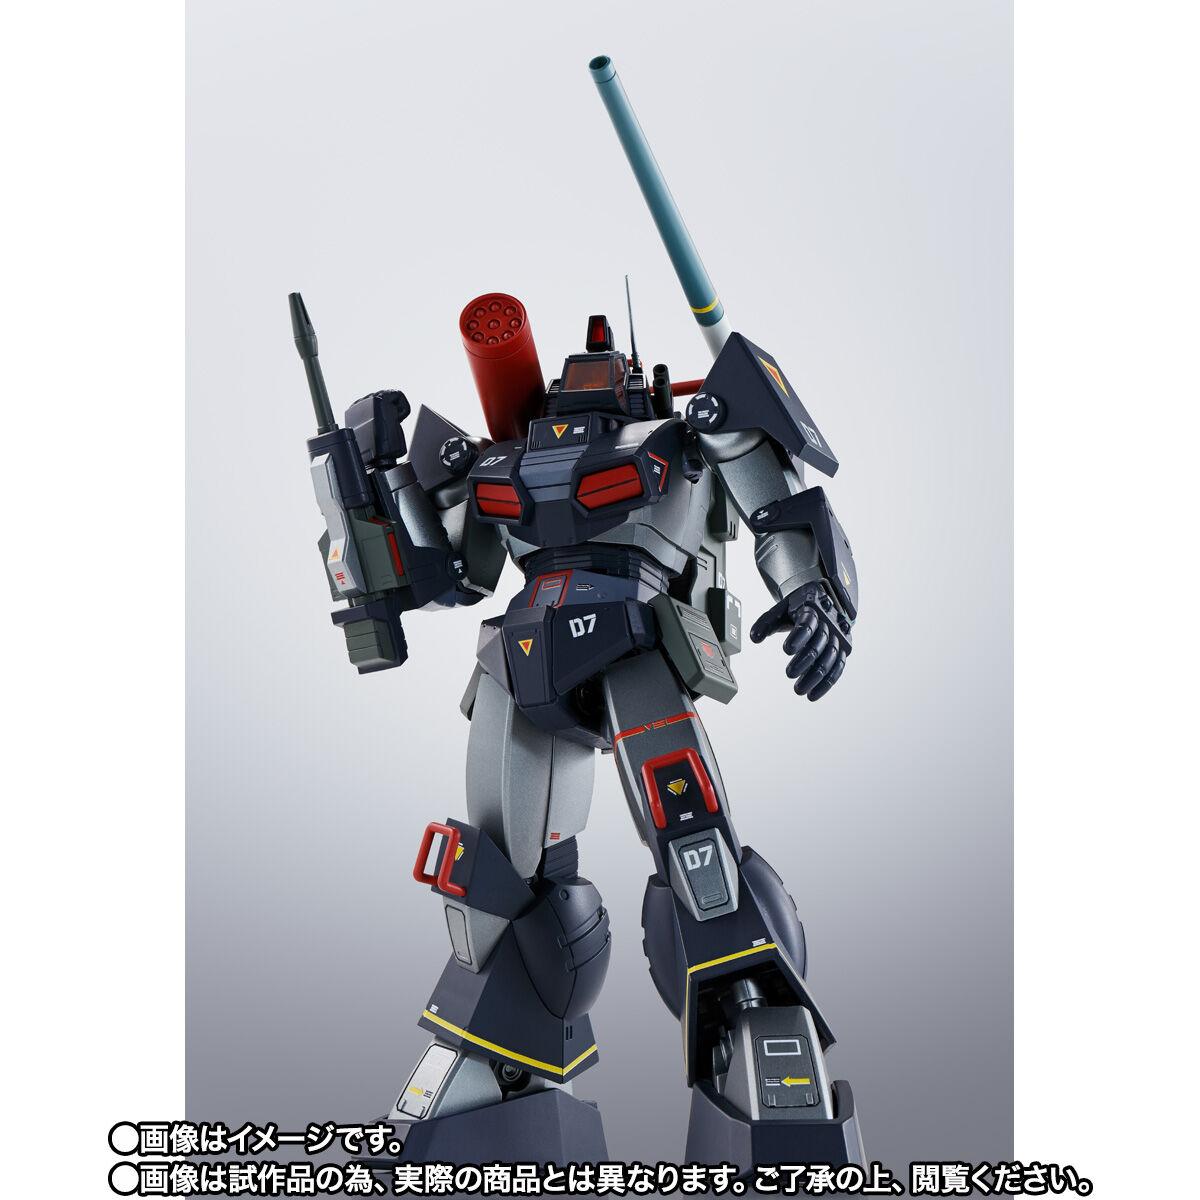 【限定販売】HI-METAL R『ダグラム & インステッド 40th Anniv.』太陽の牙ダグラム 可動フィギュア-010